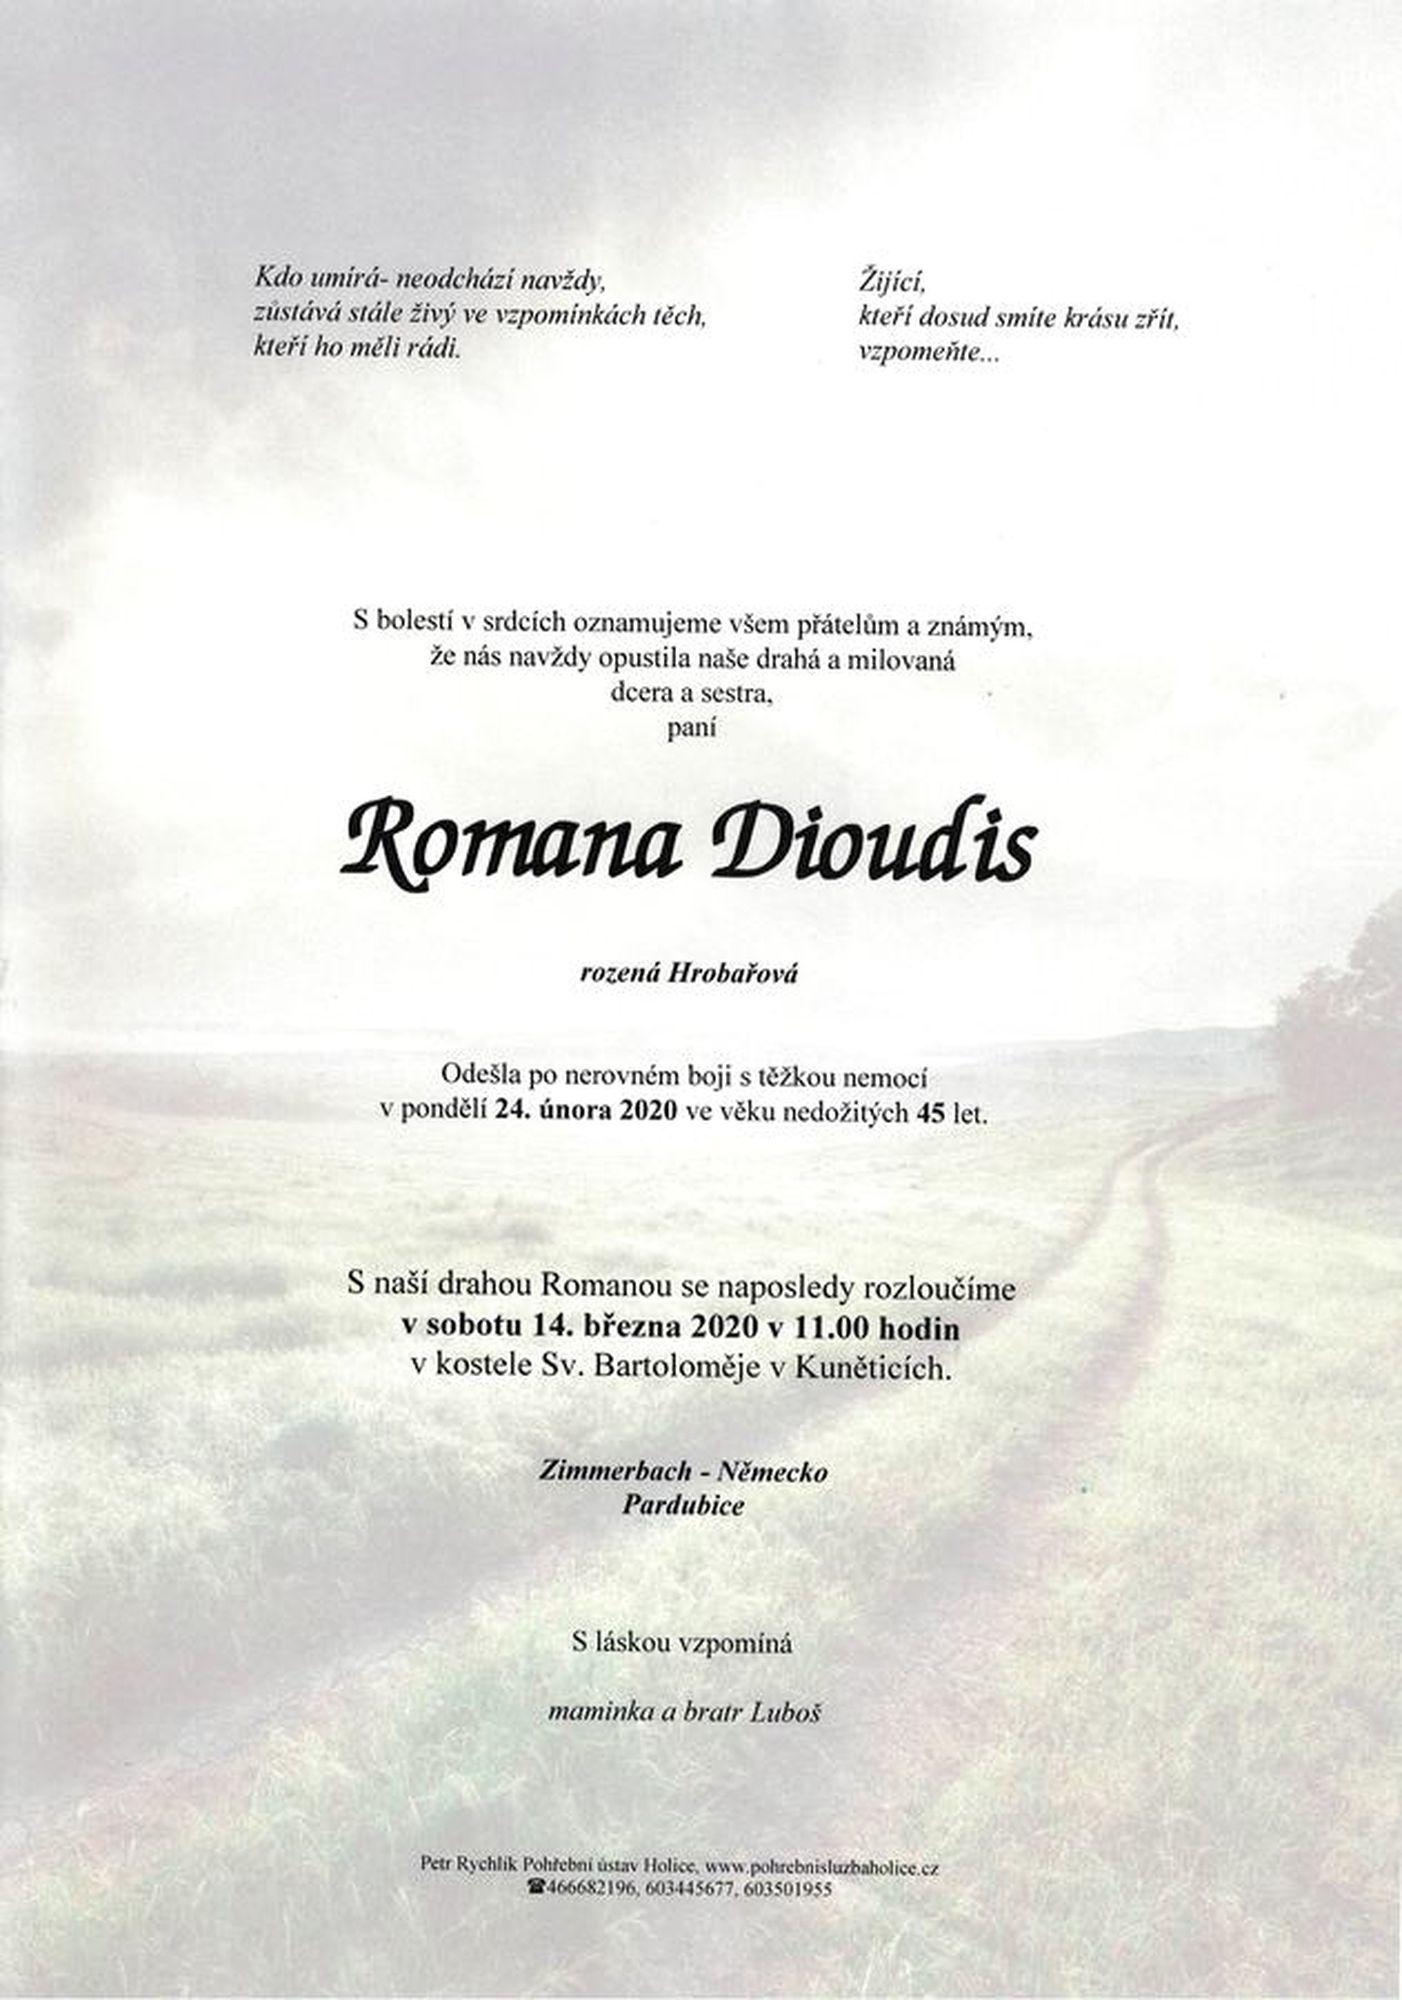 Romana Dioudis